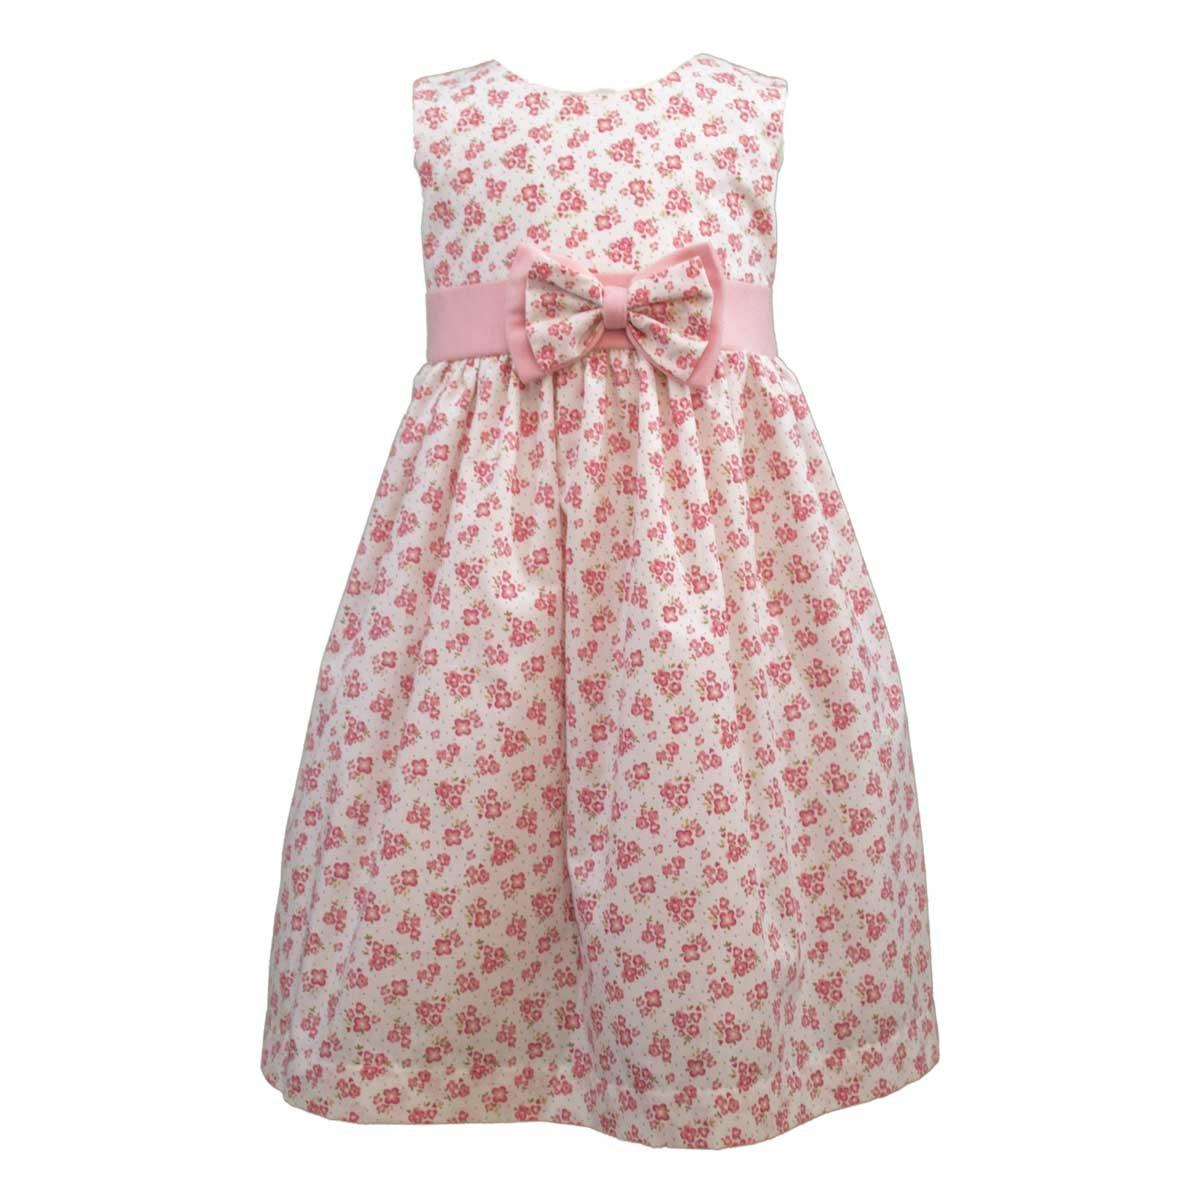 Vestido Estampado Flores Gerat   SEARS.COM.MX - Me entiende!